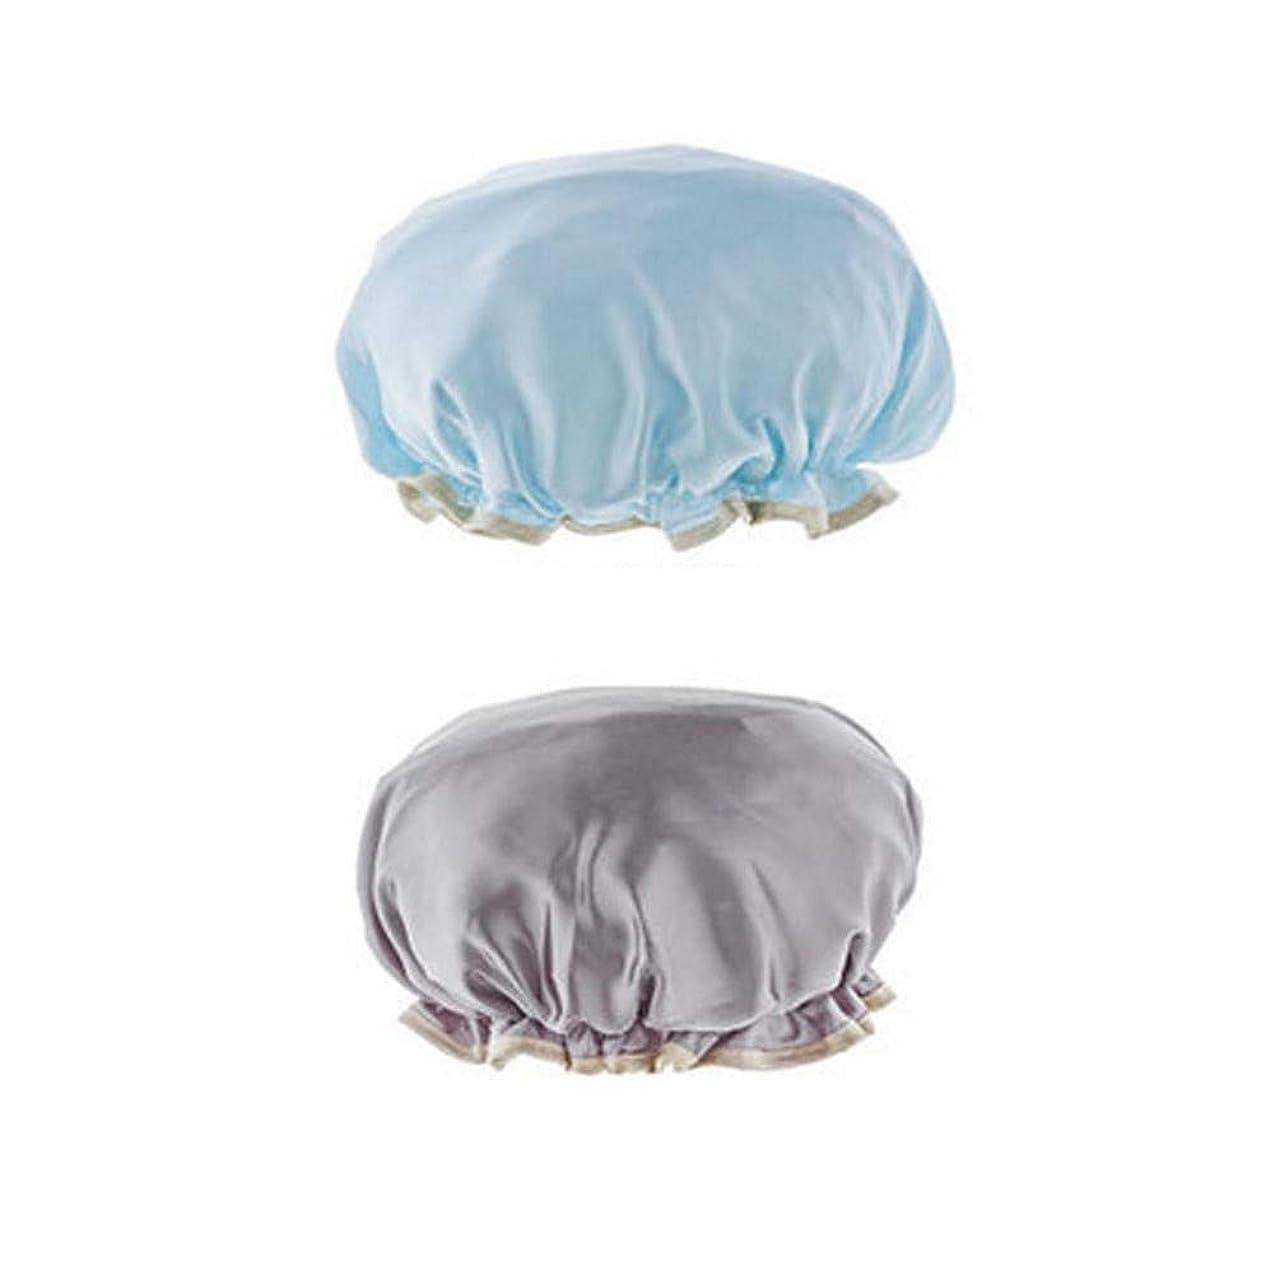 寄り添う楽しむトレイYRYRYP キャップシャワー、女性はすべての髪の長さと厚さの女性のためのキャップデラックスシャワーキャップシャワー - 防水やカビ耐性、再利用可能なシャワーのキャップを。 バス用品 (Color : 4)